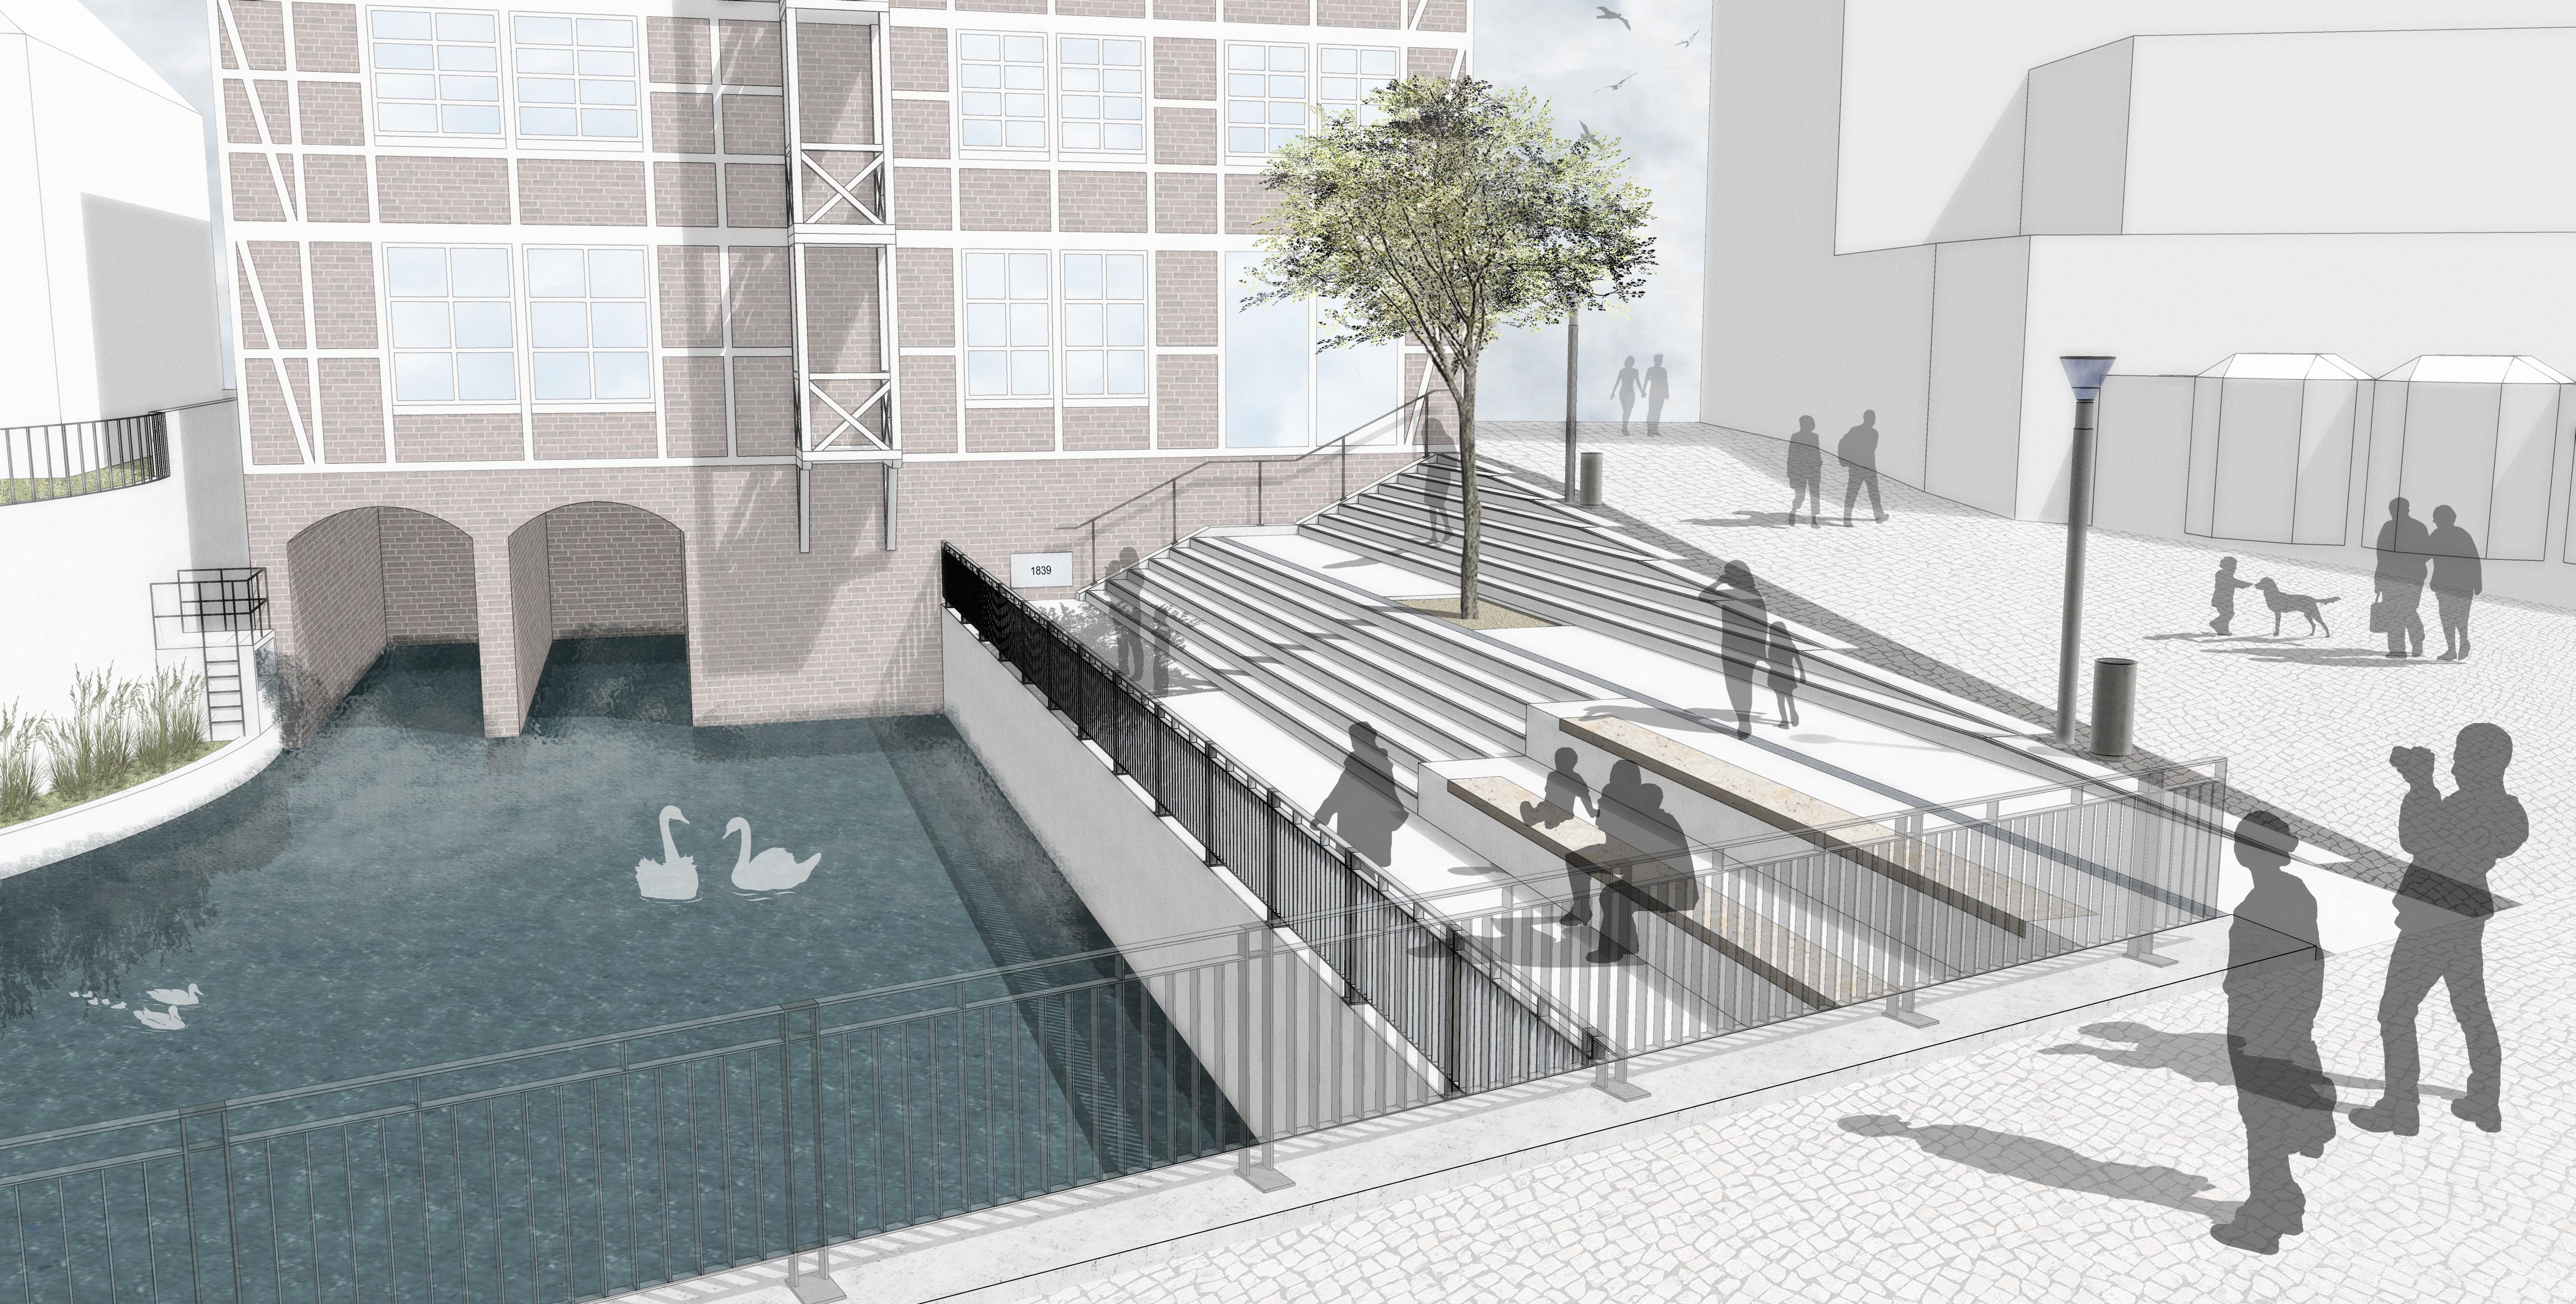 Neuer Lieblingsort in Bergedorf für 1,96 Millionen Euro! Spatenstich für die Wassertreppe am Kupferhof